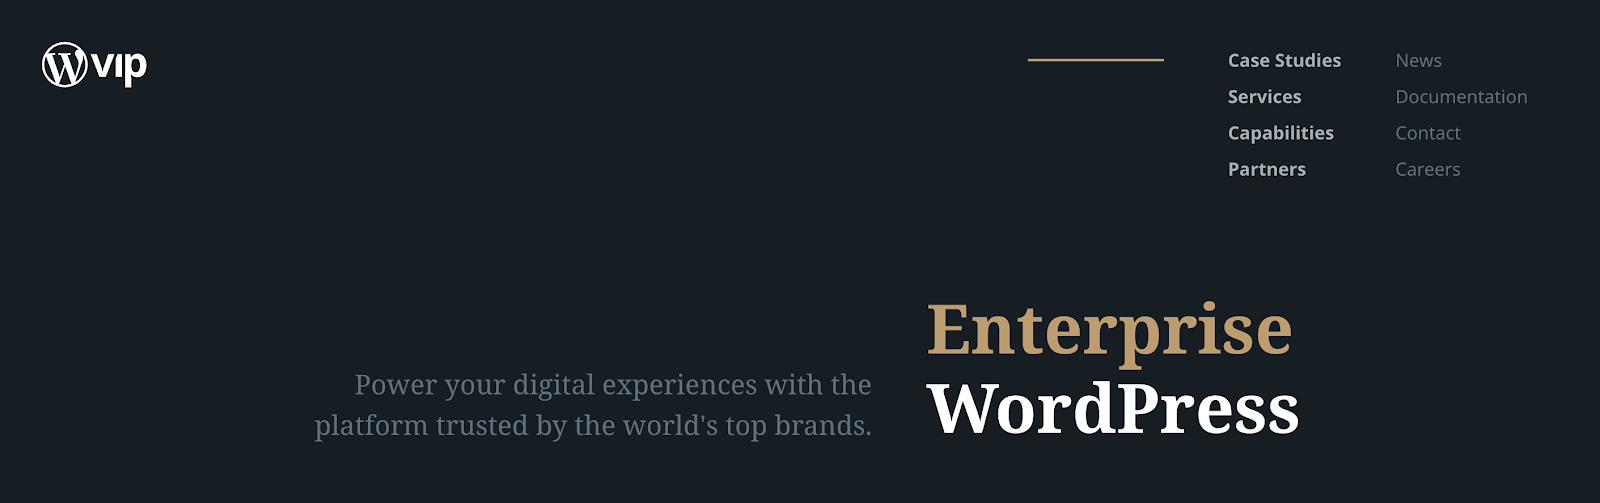 Plan de alojamiento empresarial de WordPress para usar en blogs